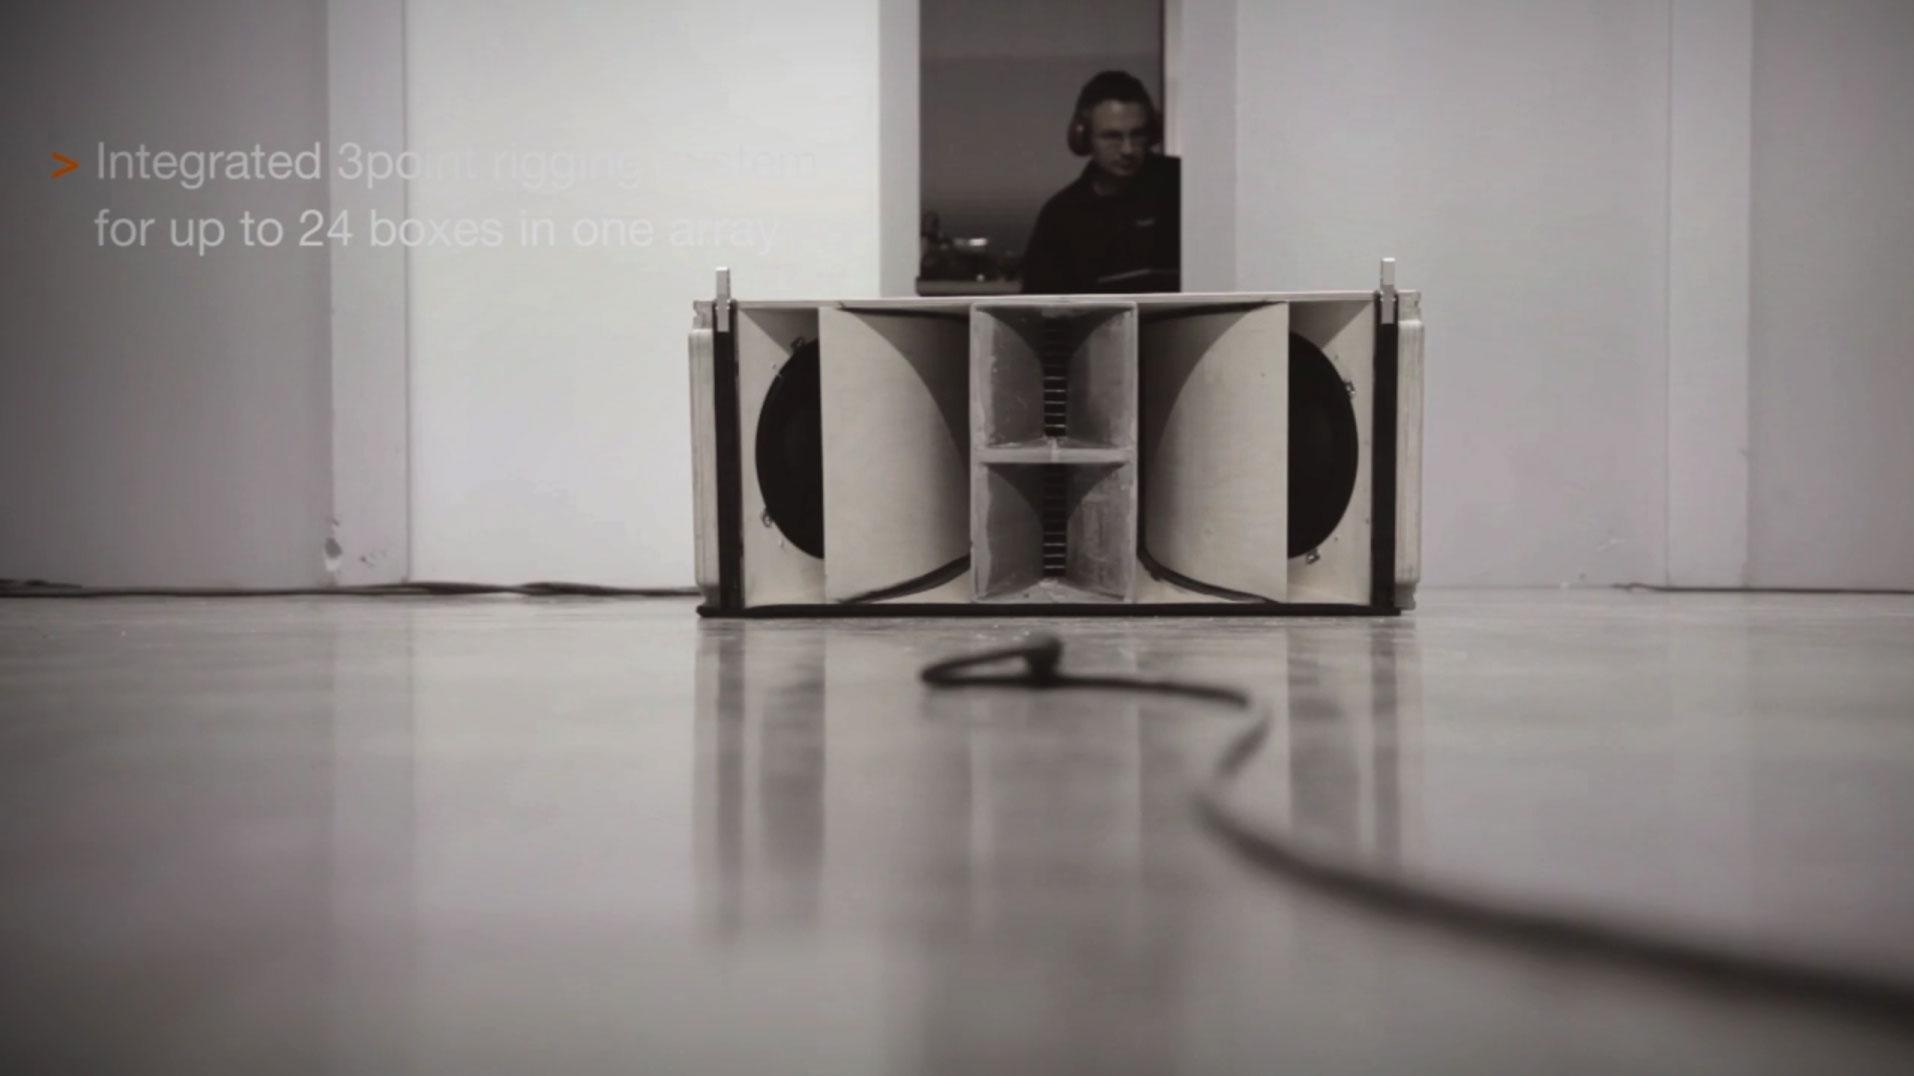 75a entwickelt für TW AUDiO aus Ludwigsburg einen Imagefilm